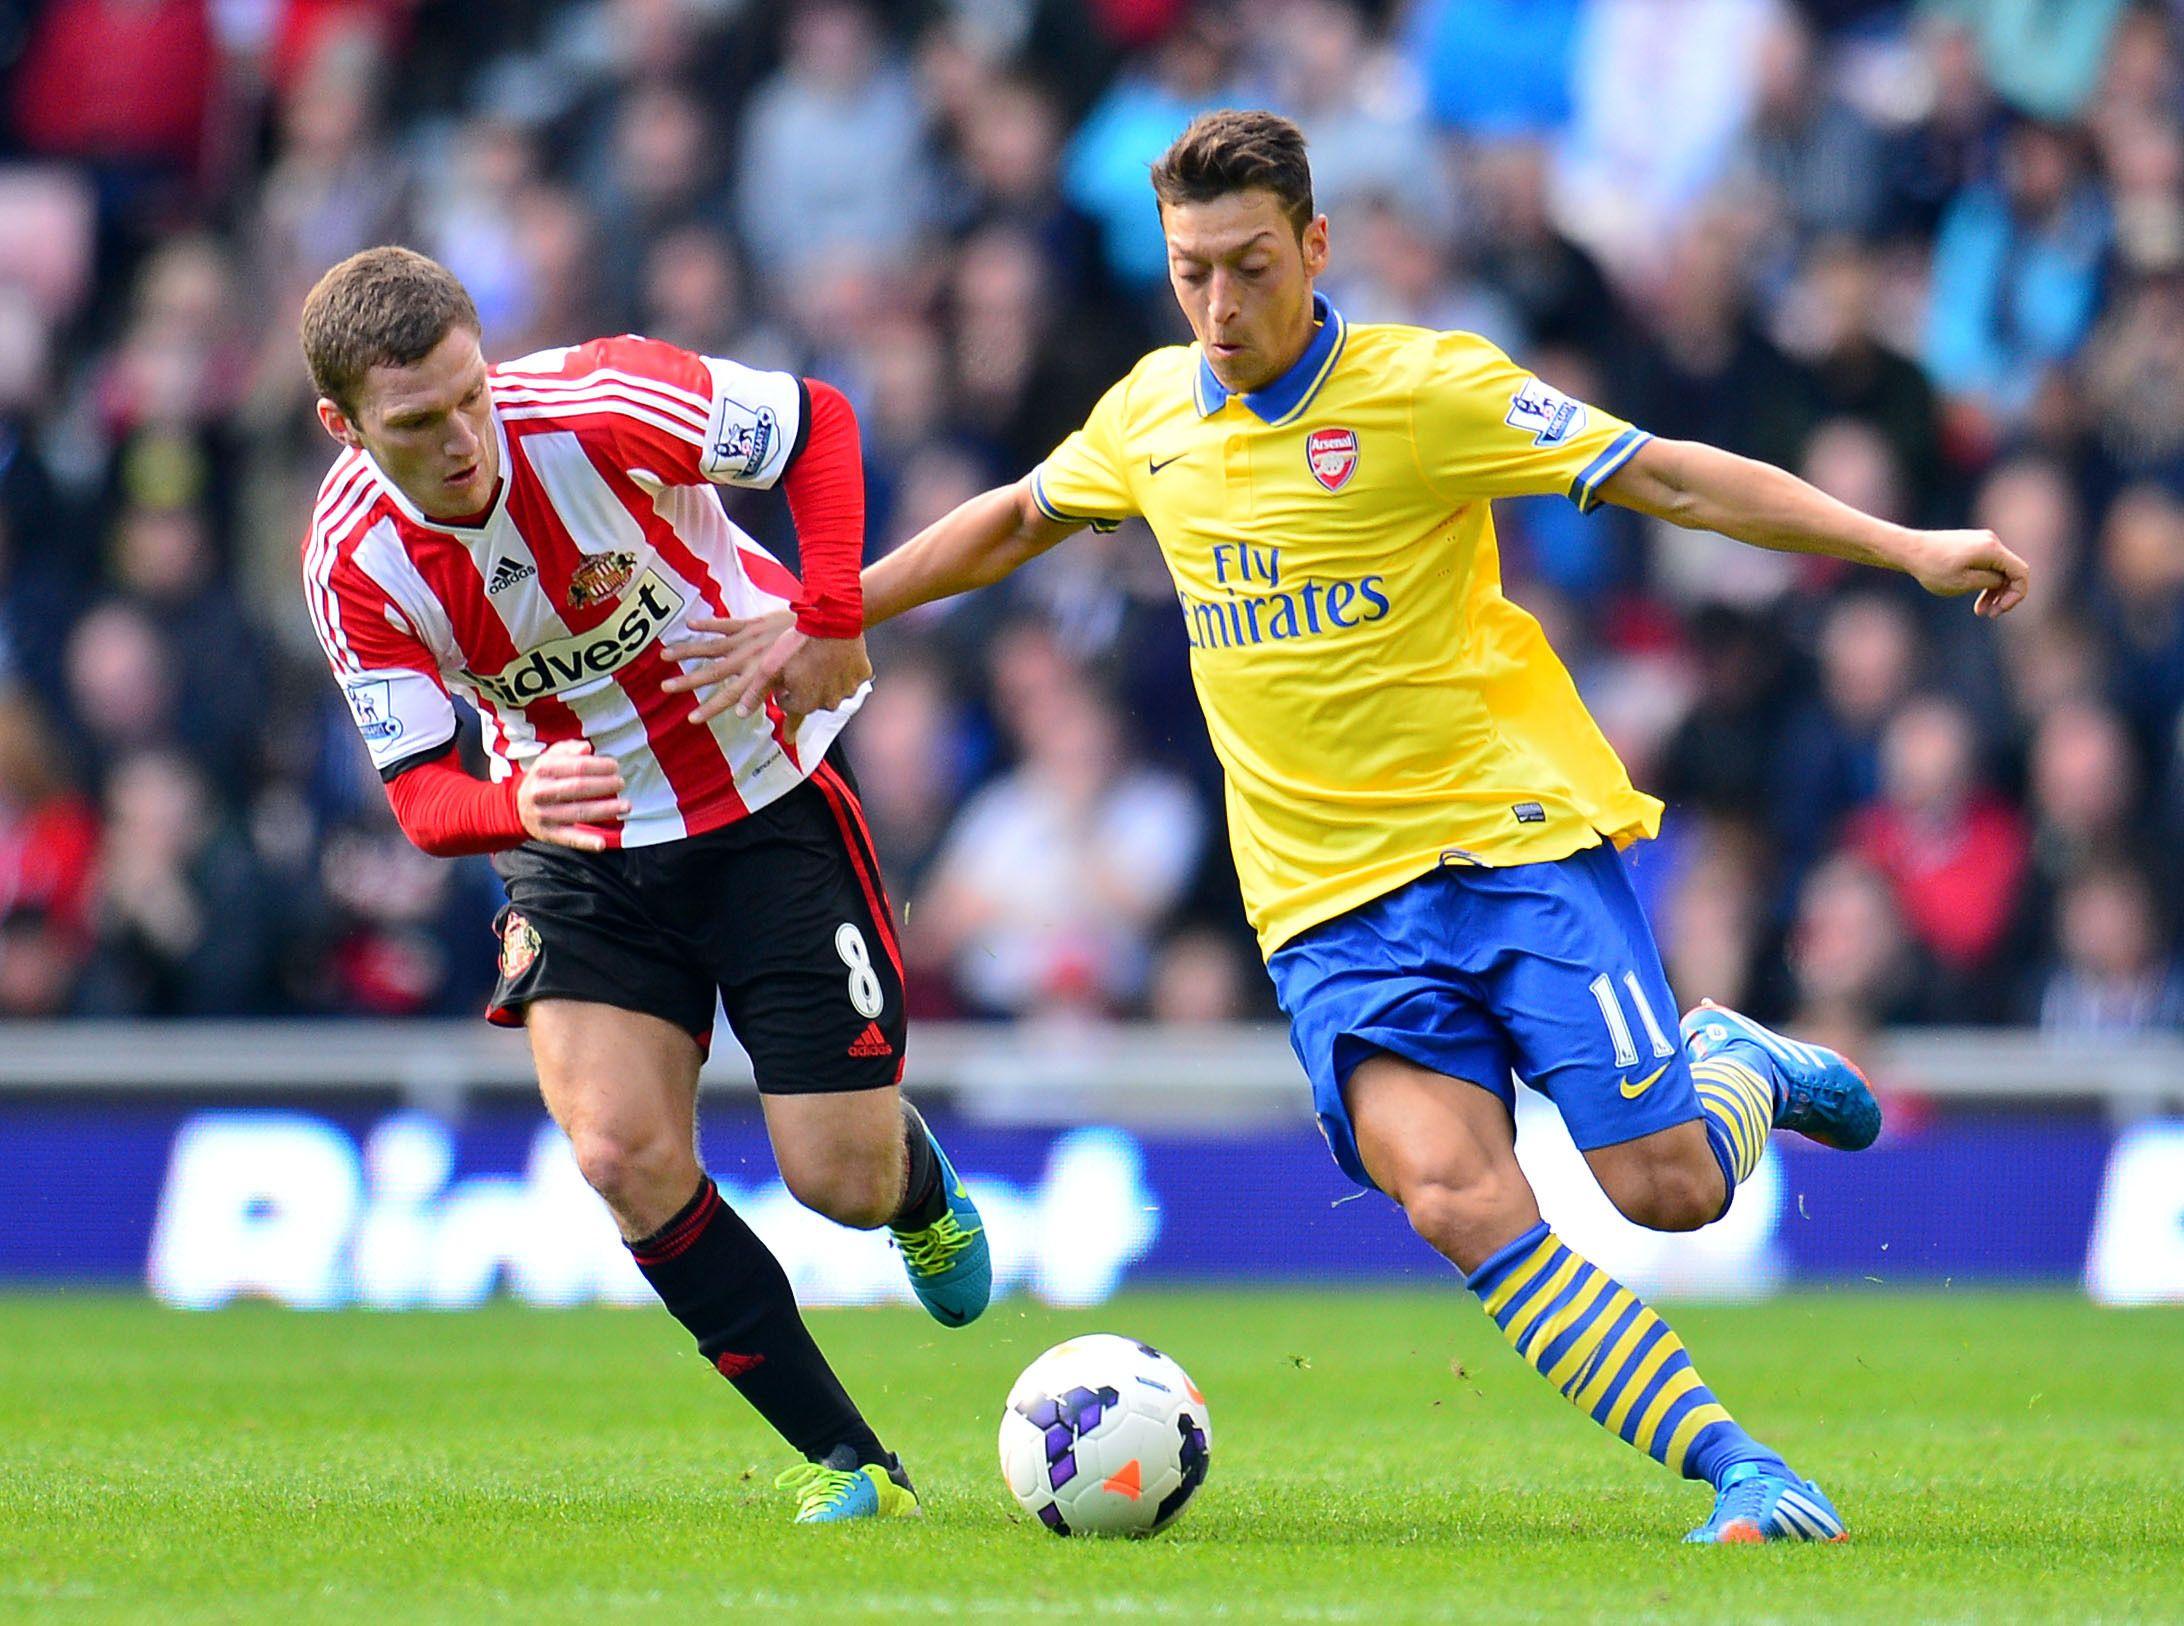 Sunderland 13 Arsenal 14/09/13 [Mesut Ozil] Soccer